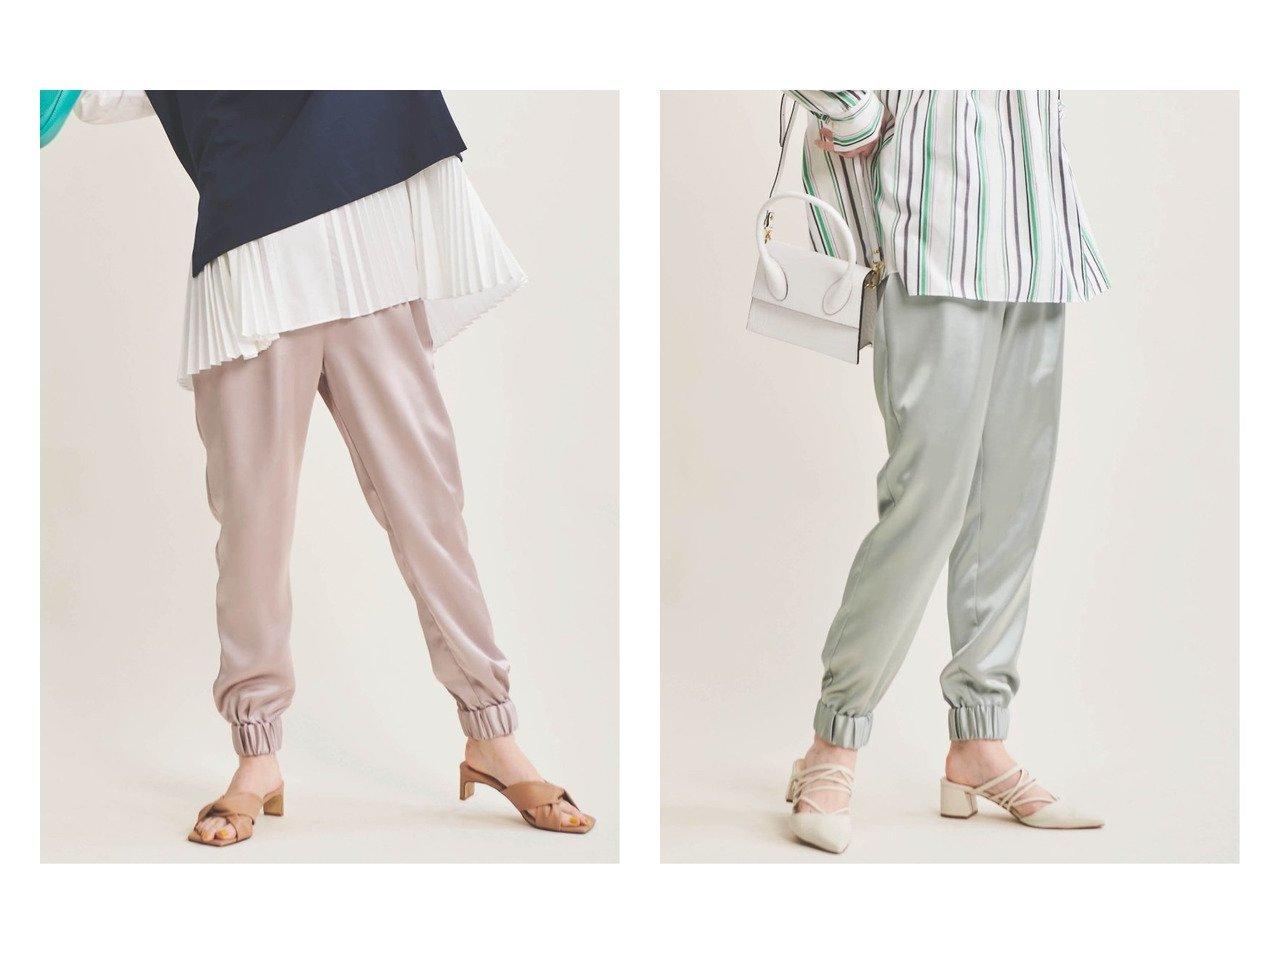 【The Virgnia/ザ ヴァージニア】のサテンジョガーパンツ 【パンツ】おすすめ!人気、トレンド・レディースファッションの通販 おすすめで人気の流行・トレンド、ファッションの通販商品 メンズファッション・キッズファッション・インテリア・家具・レディースファッション・服の通販 founy(ファニー) https://founy.com/ ファッション Fashion レディースファッション WOMEN パンツ Pants サテン ジーンズ トレンド ドレープ リラックス  ID:crp329100000029096